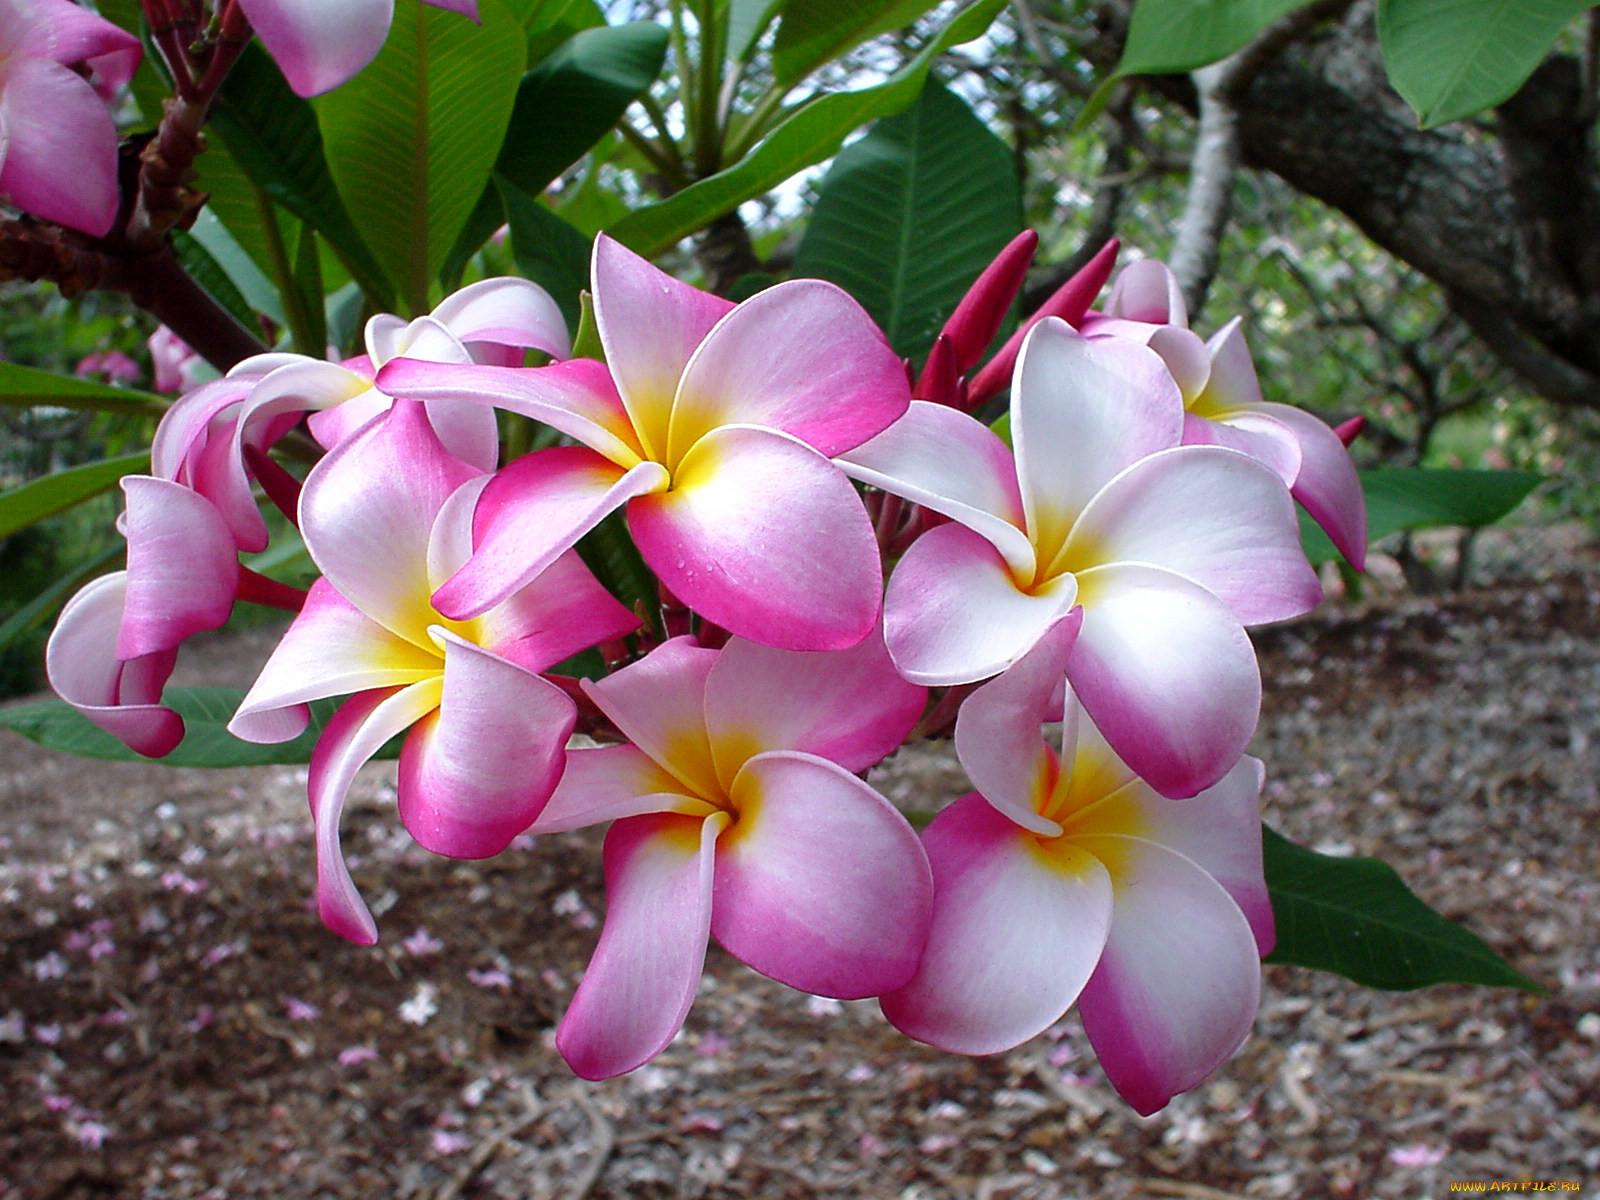 думают, что все цветы мира фото и названия того, что здесь